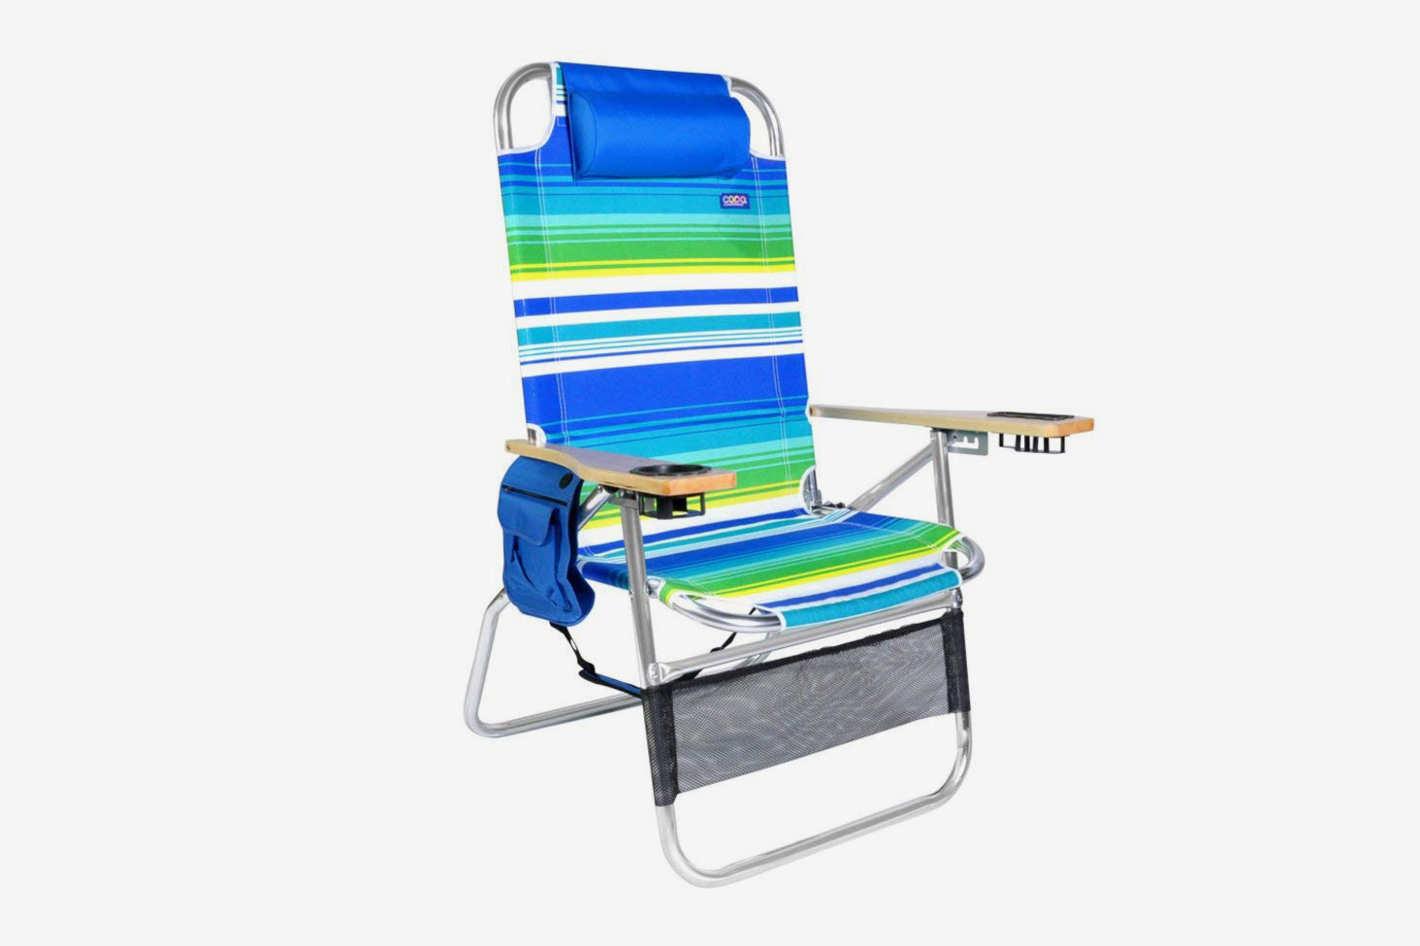 Big Papa 17 inch Hi-Seat Beach Chair